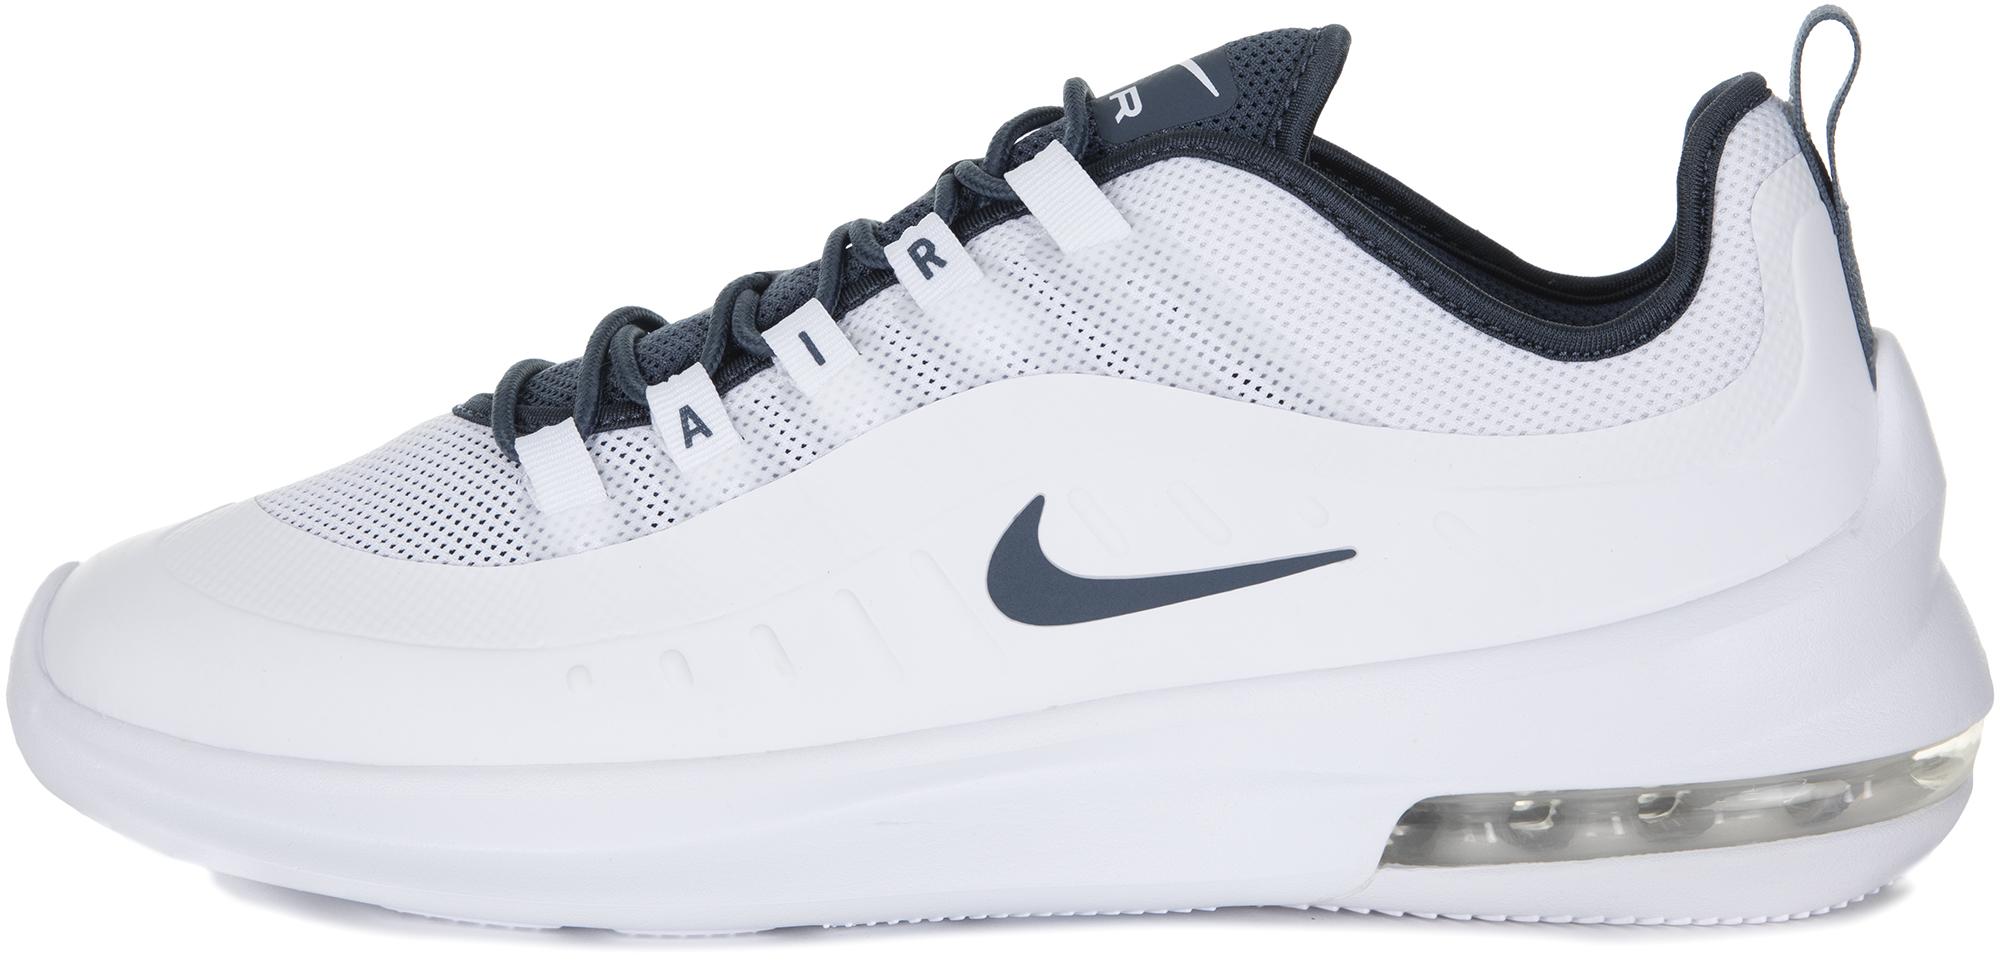 цена Nike Кроссовки мужские Nike Air Max Axis, размер 45 онлайн в 2017 году